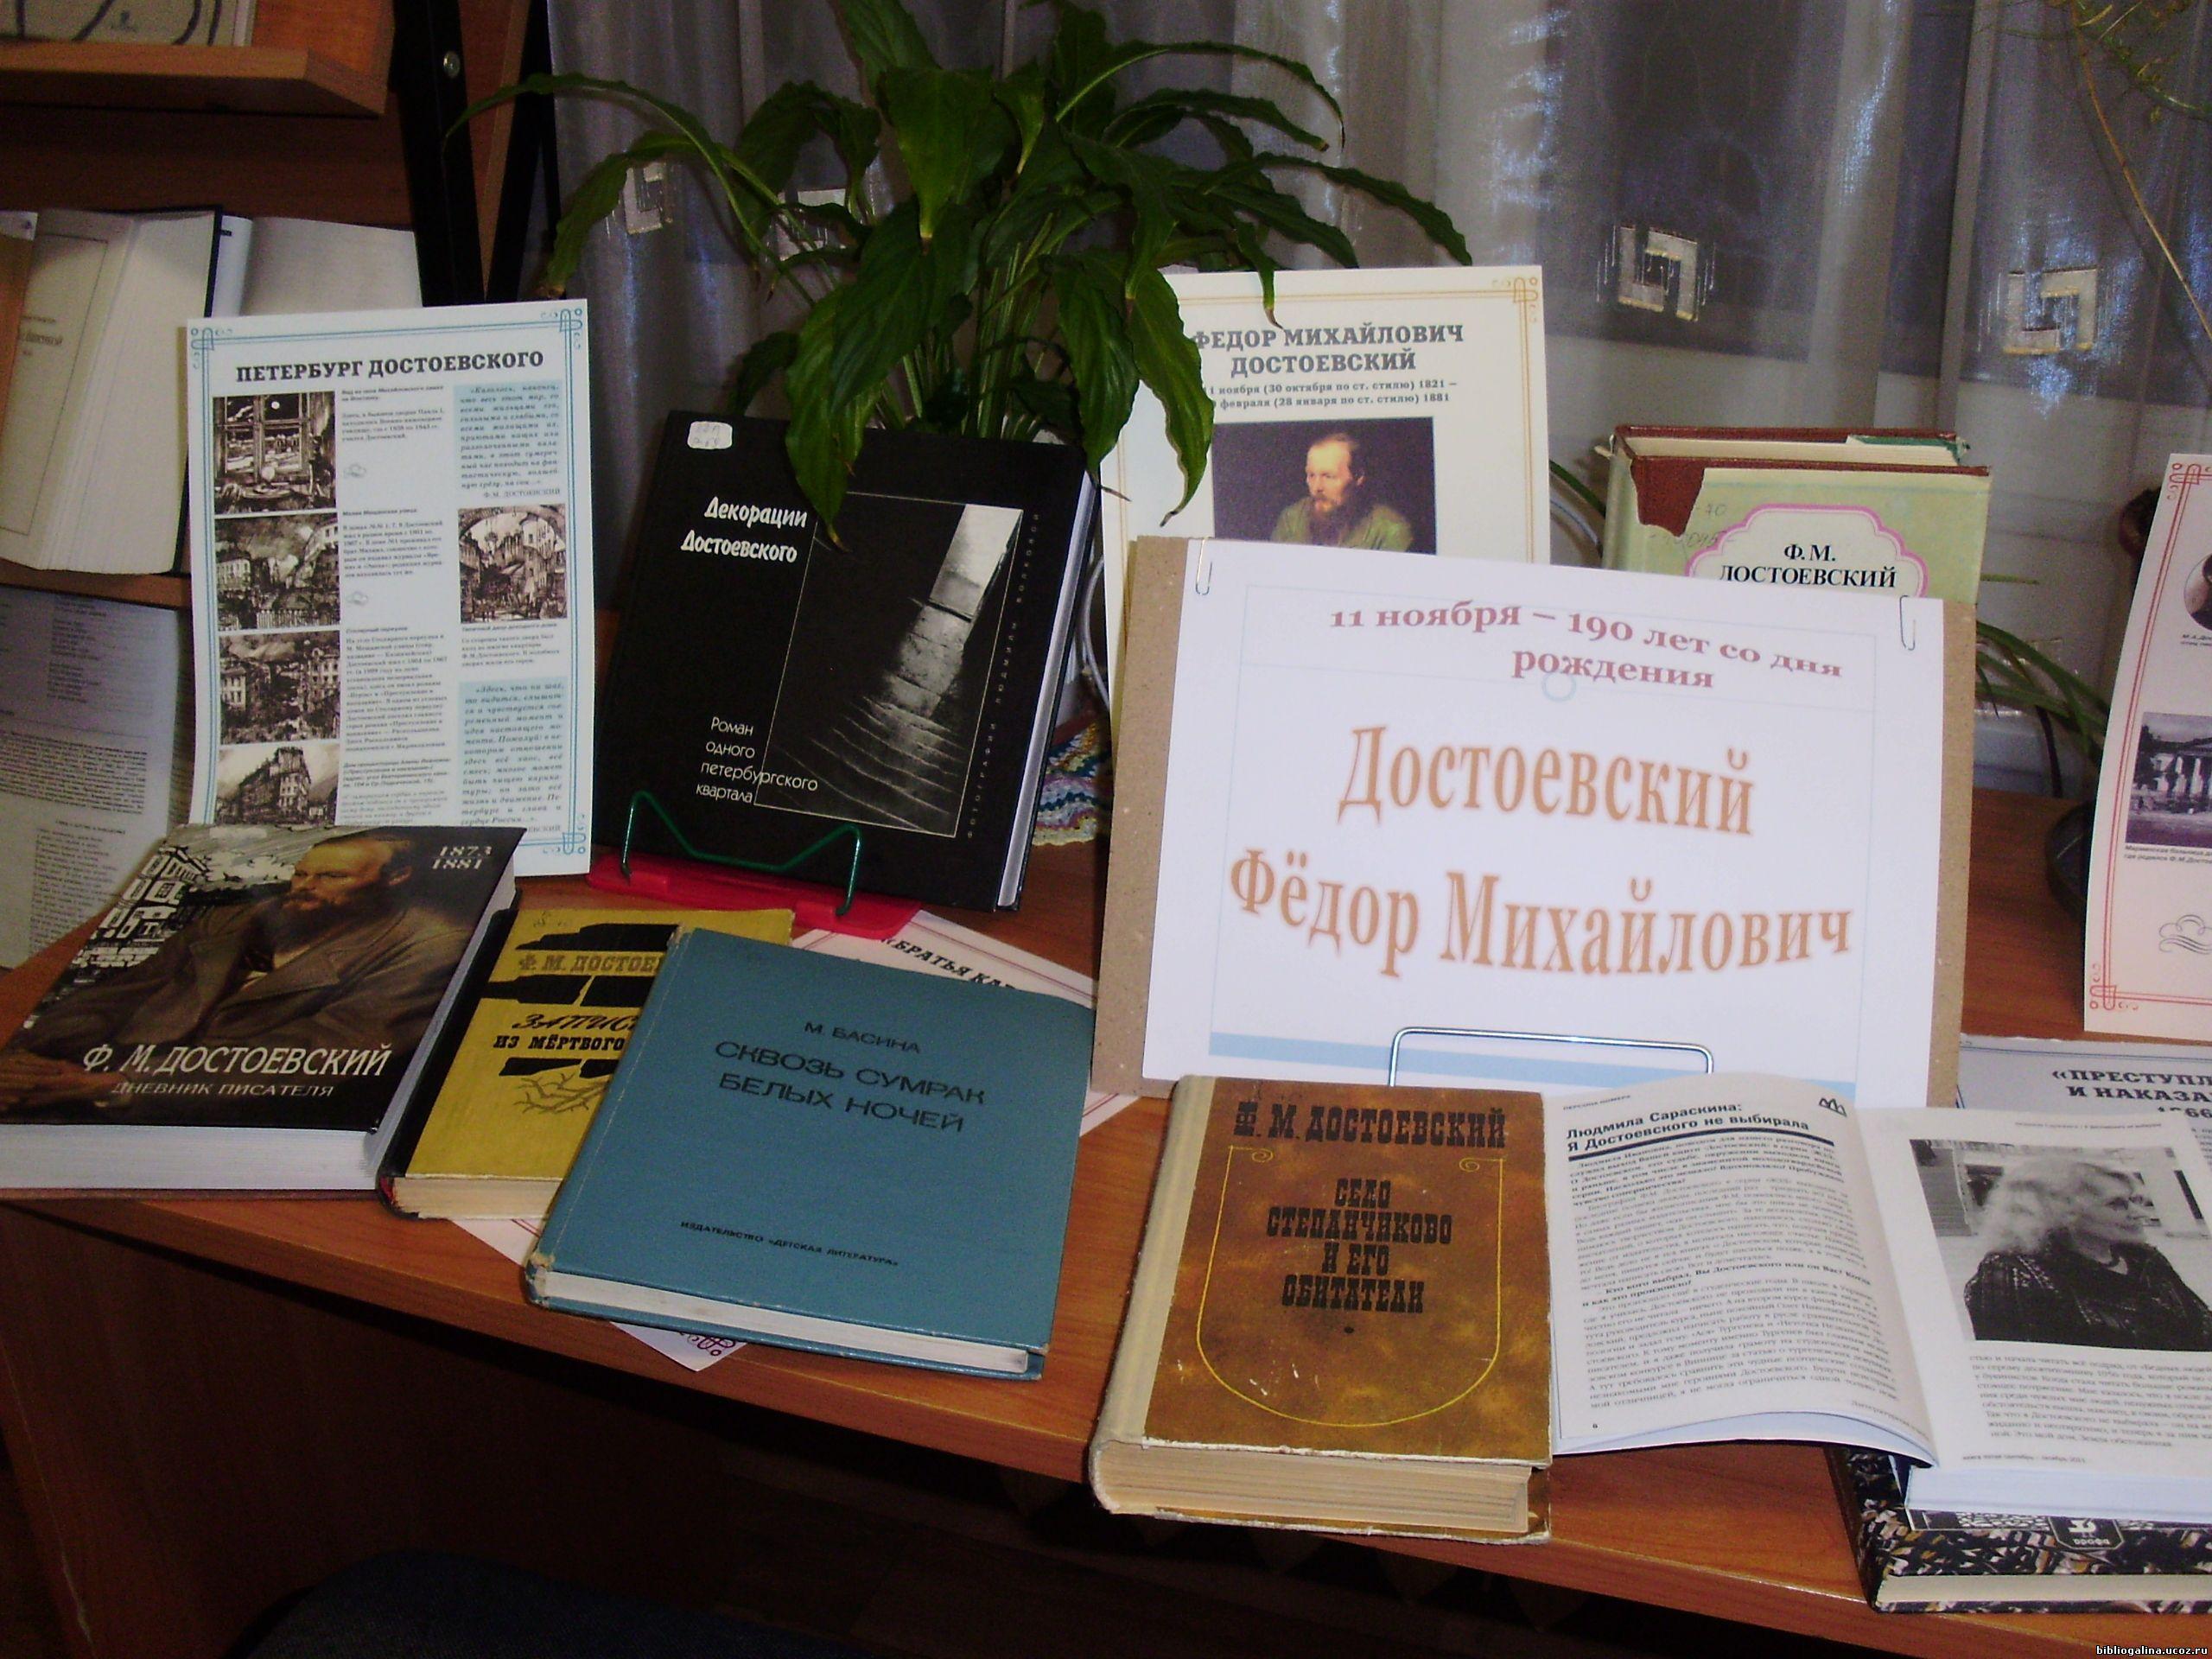 Памятные даты россии в августе 2015 года